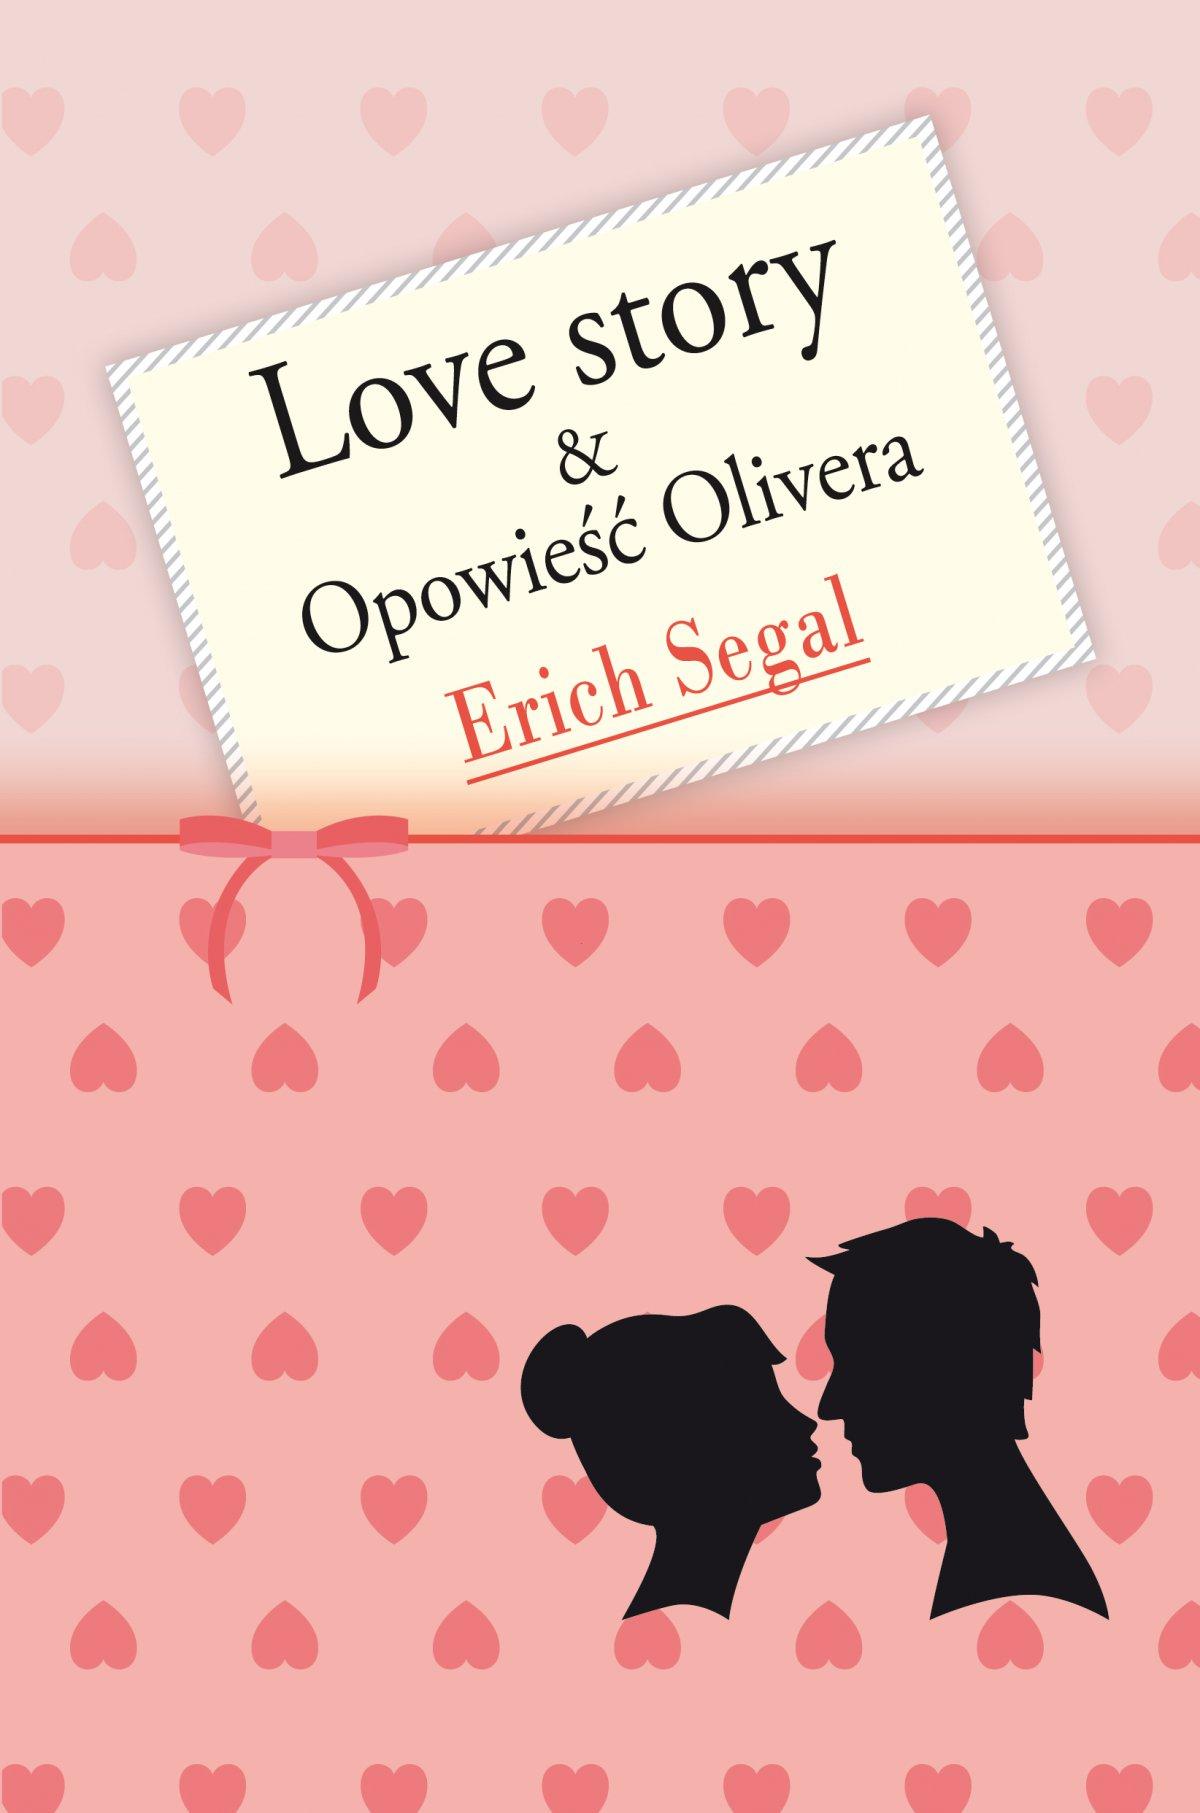 Love story & Opowieść Olivera - Ebook (Książka EPUB) do pobrania w formacie EPUB